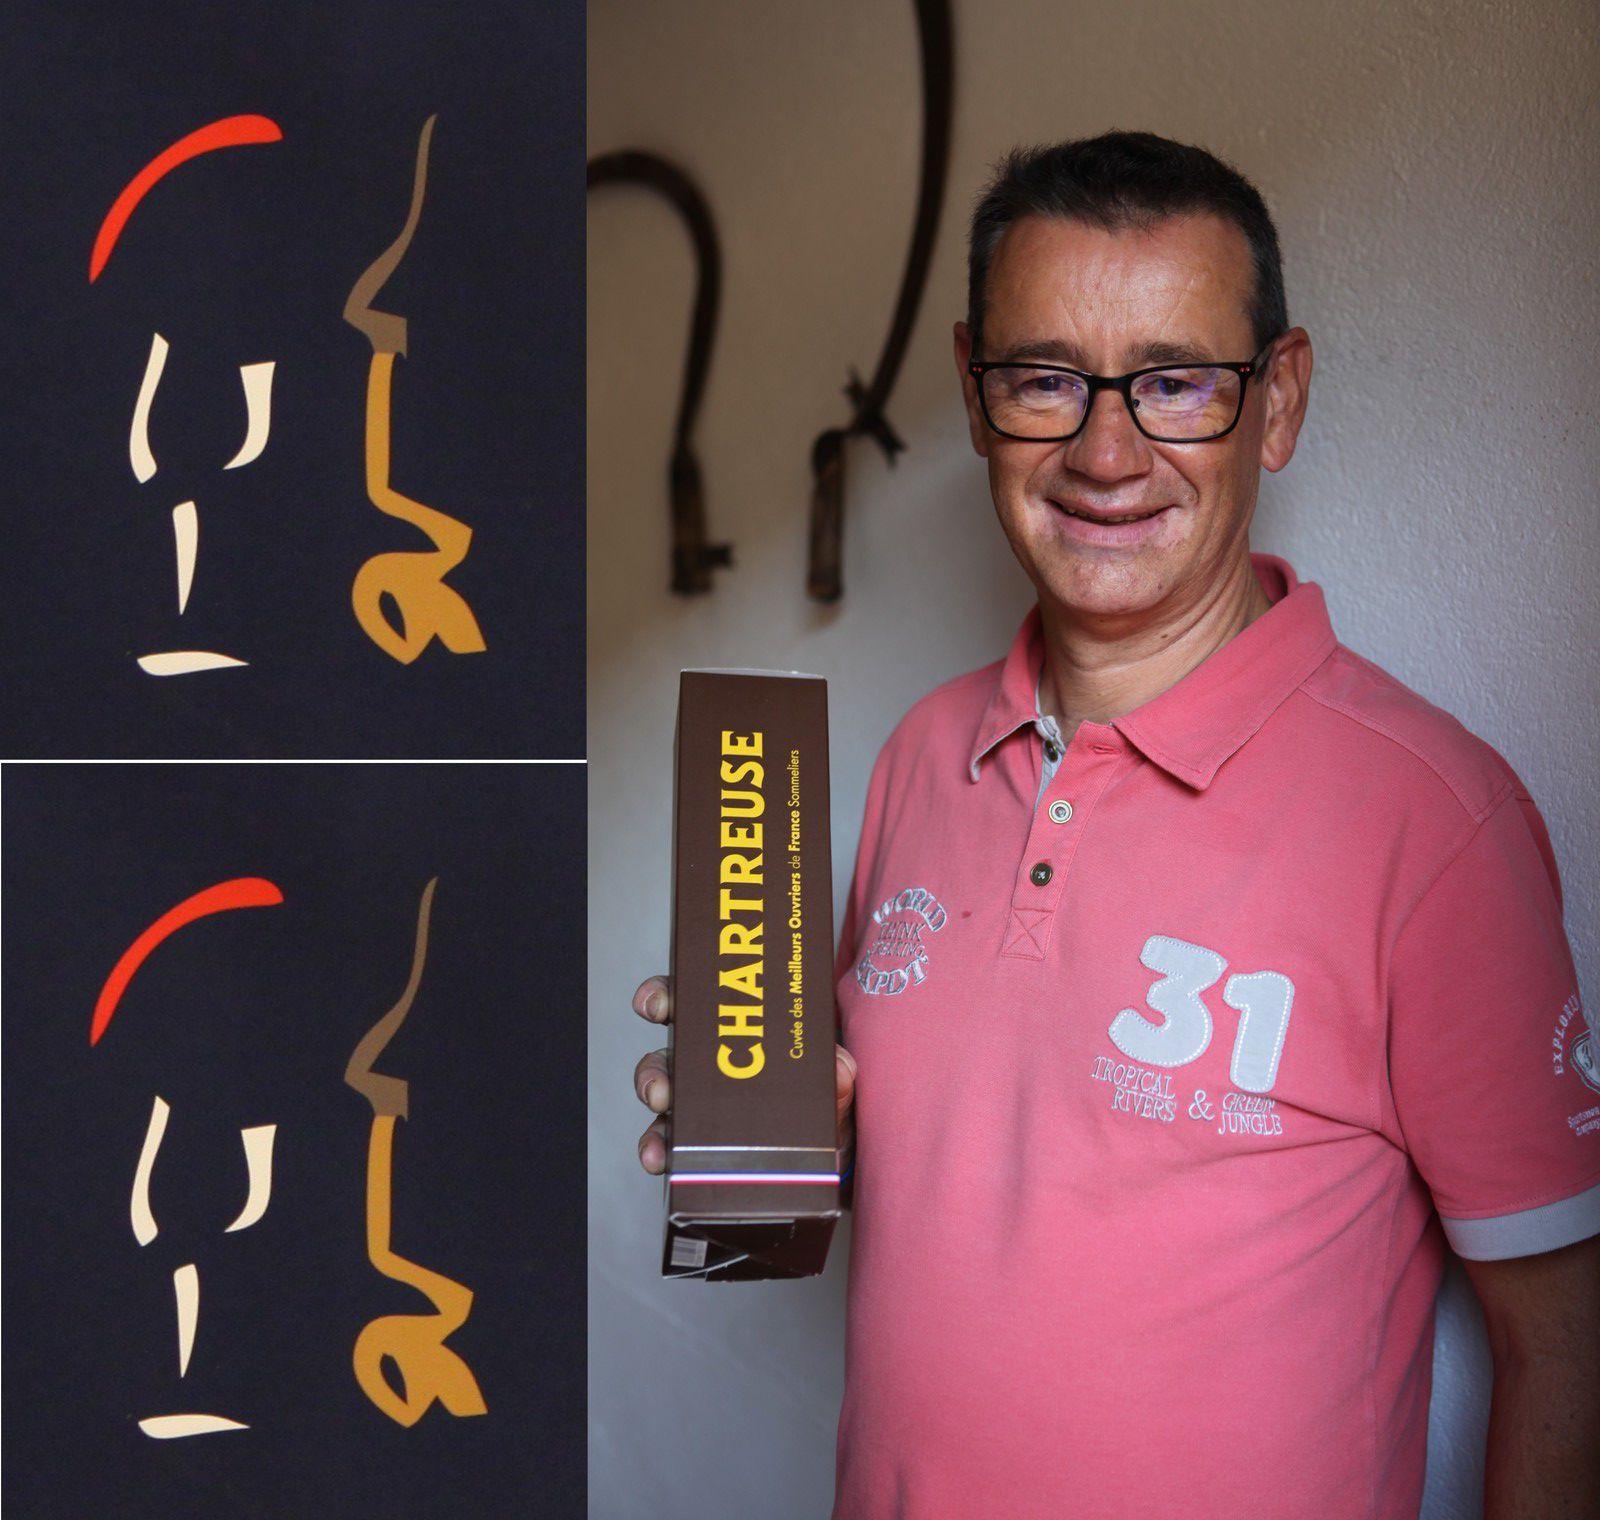 Frédéric Simon coordonne les informations du trophée qui vient d'accueillir un nouveau partenaire, les liqueurs Chartreuse.